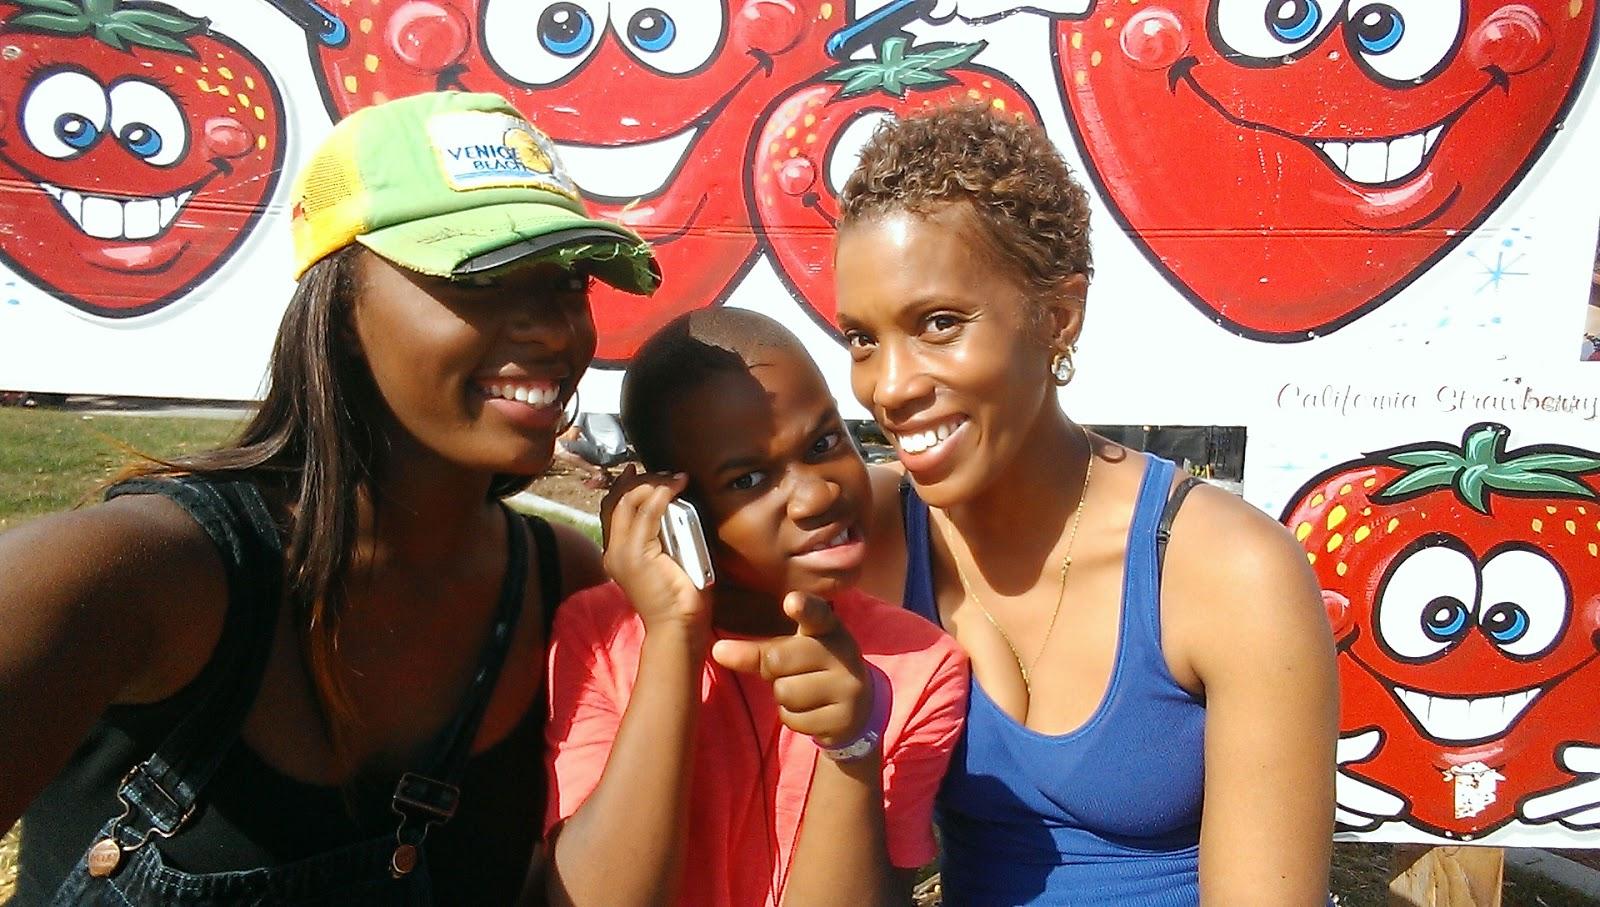 Strawberry+Festival+Fun California Strawberry Festival Review